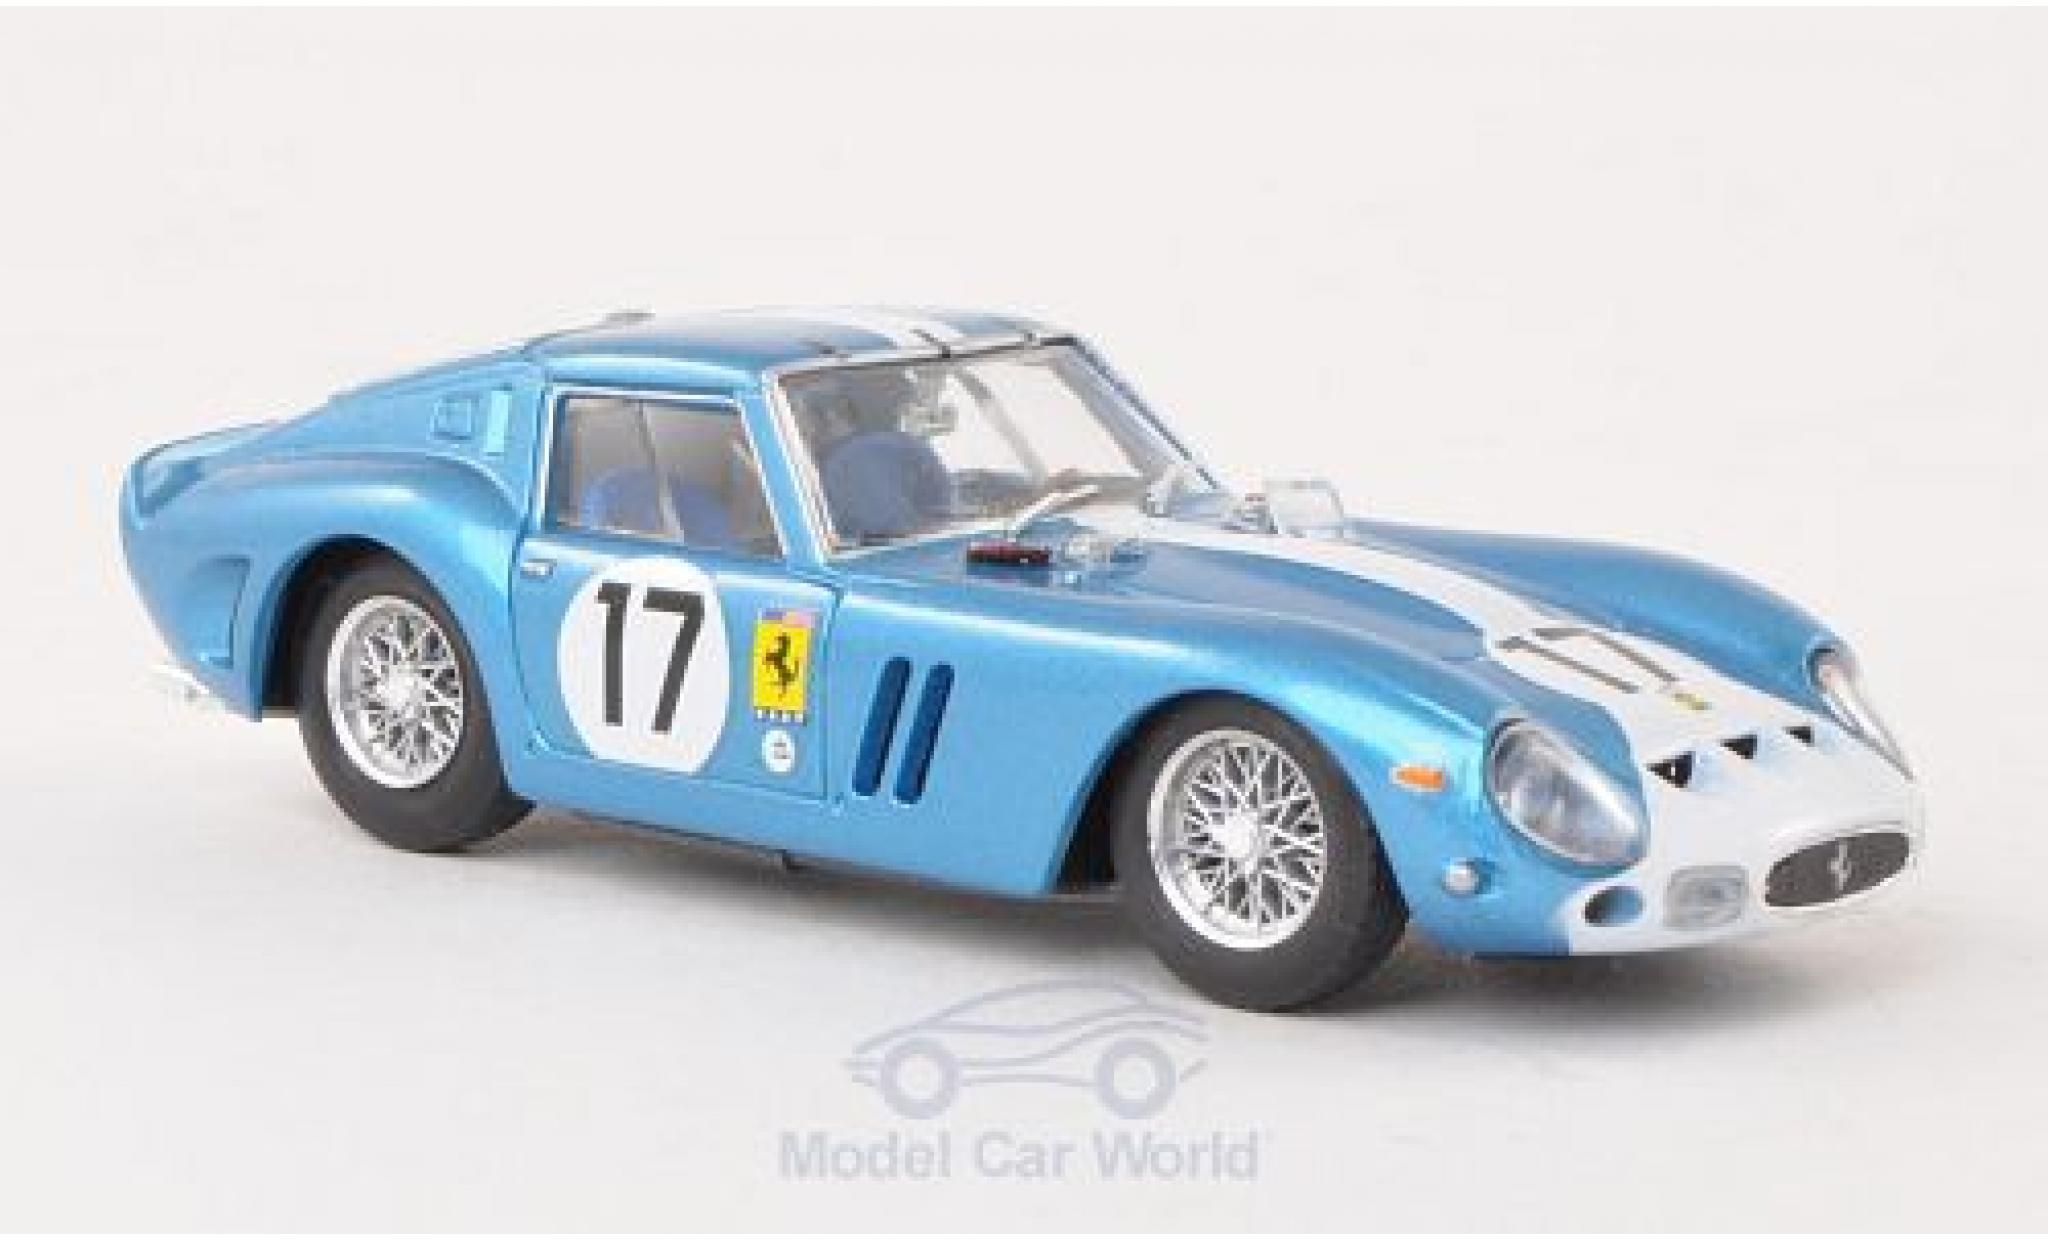 Ferrari 250 1/43 Brumm GTO No.17 Scuderia N.A.R.T. 24h Le Mans 1962 Chassis 3387GT